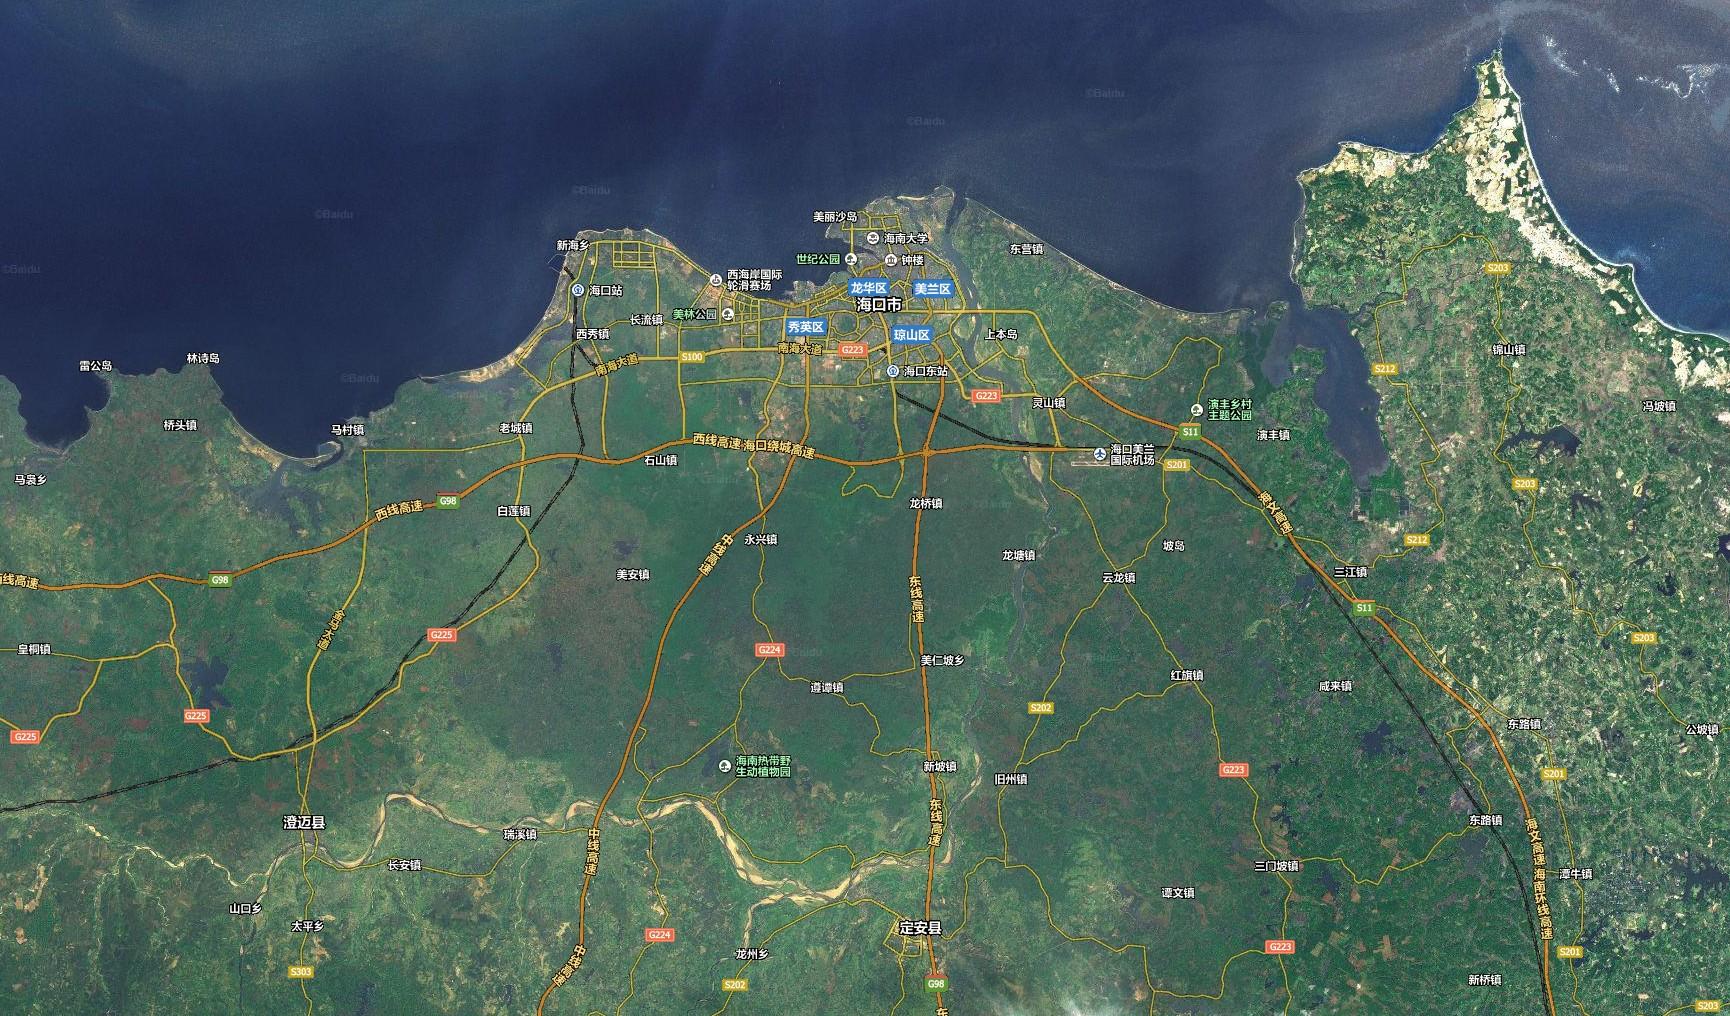 旅游详图  旅游简图  必游景点  重要景区  旅游线路图  景点分布图